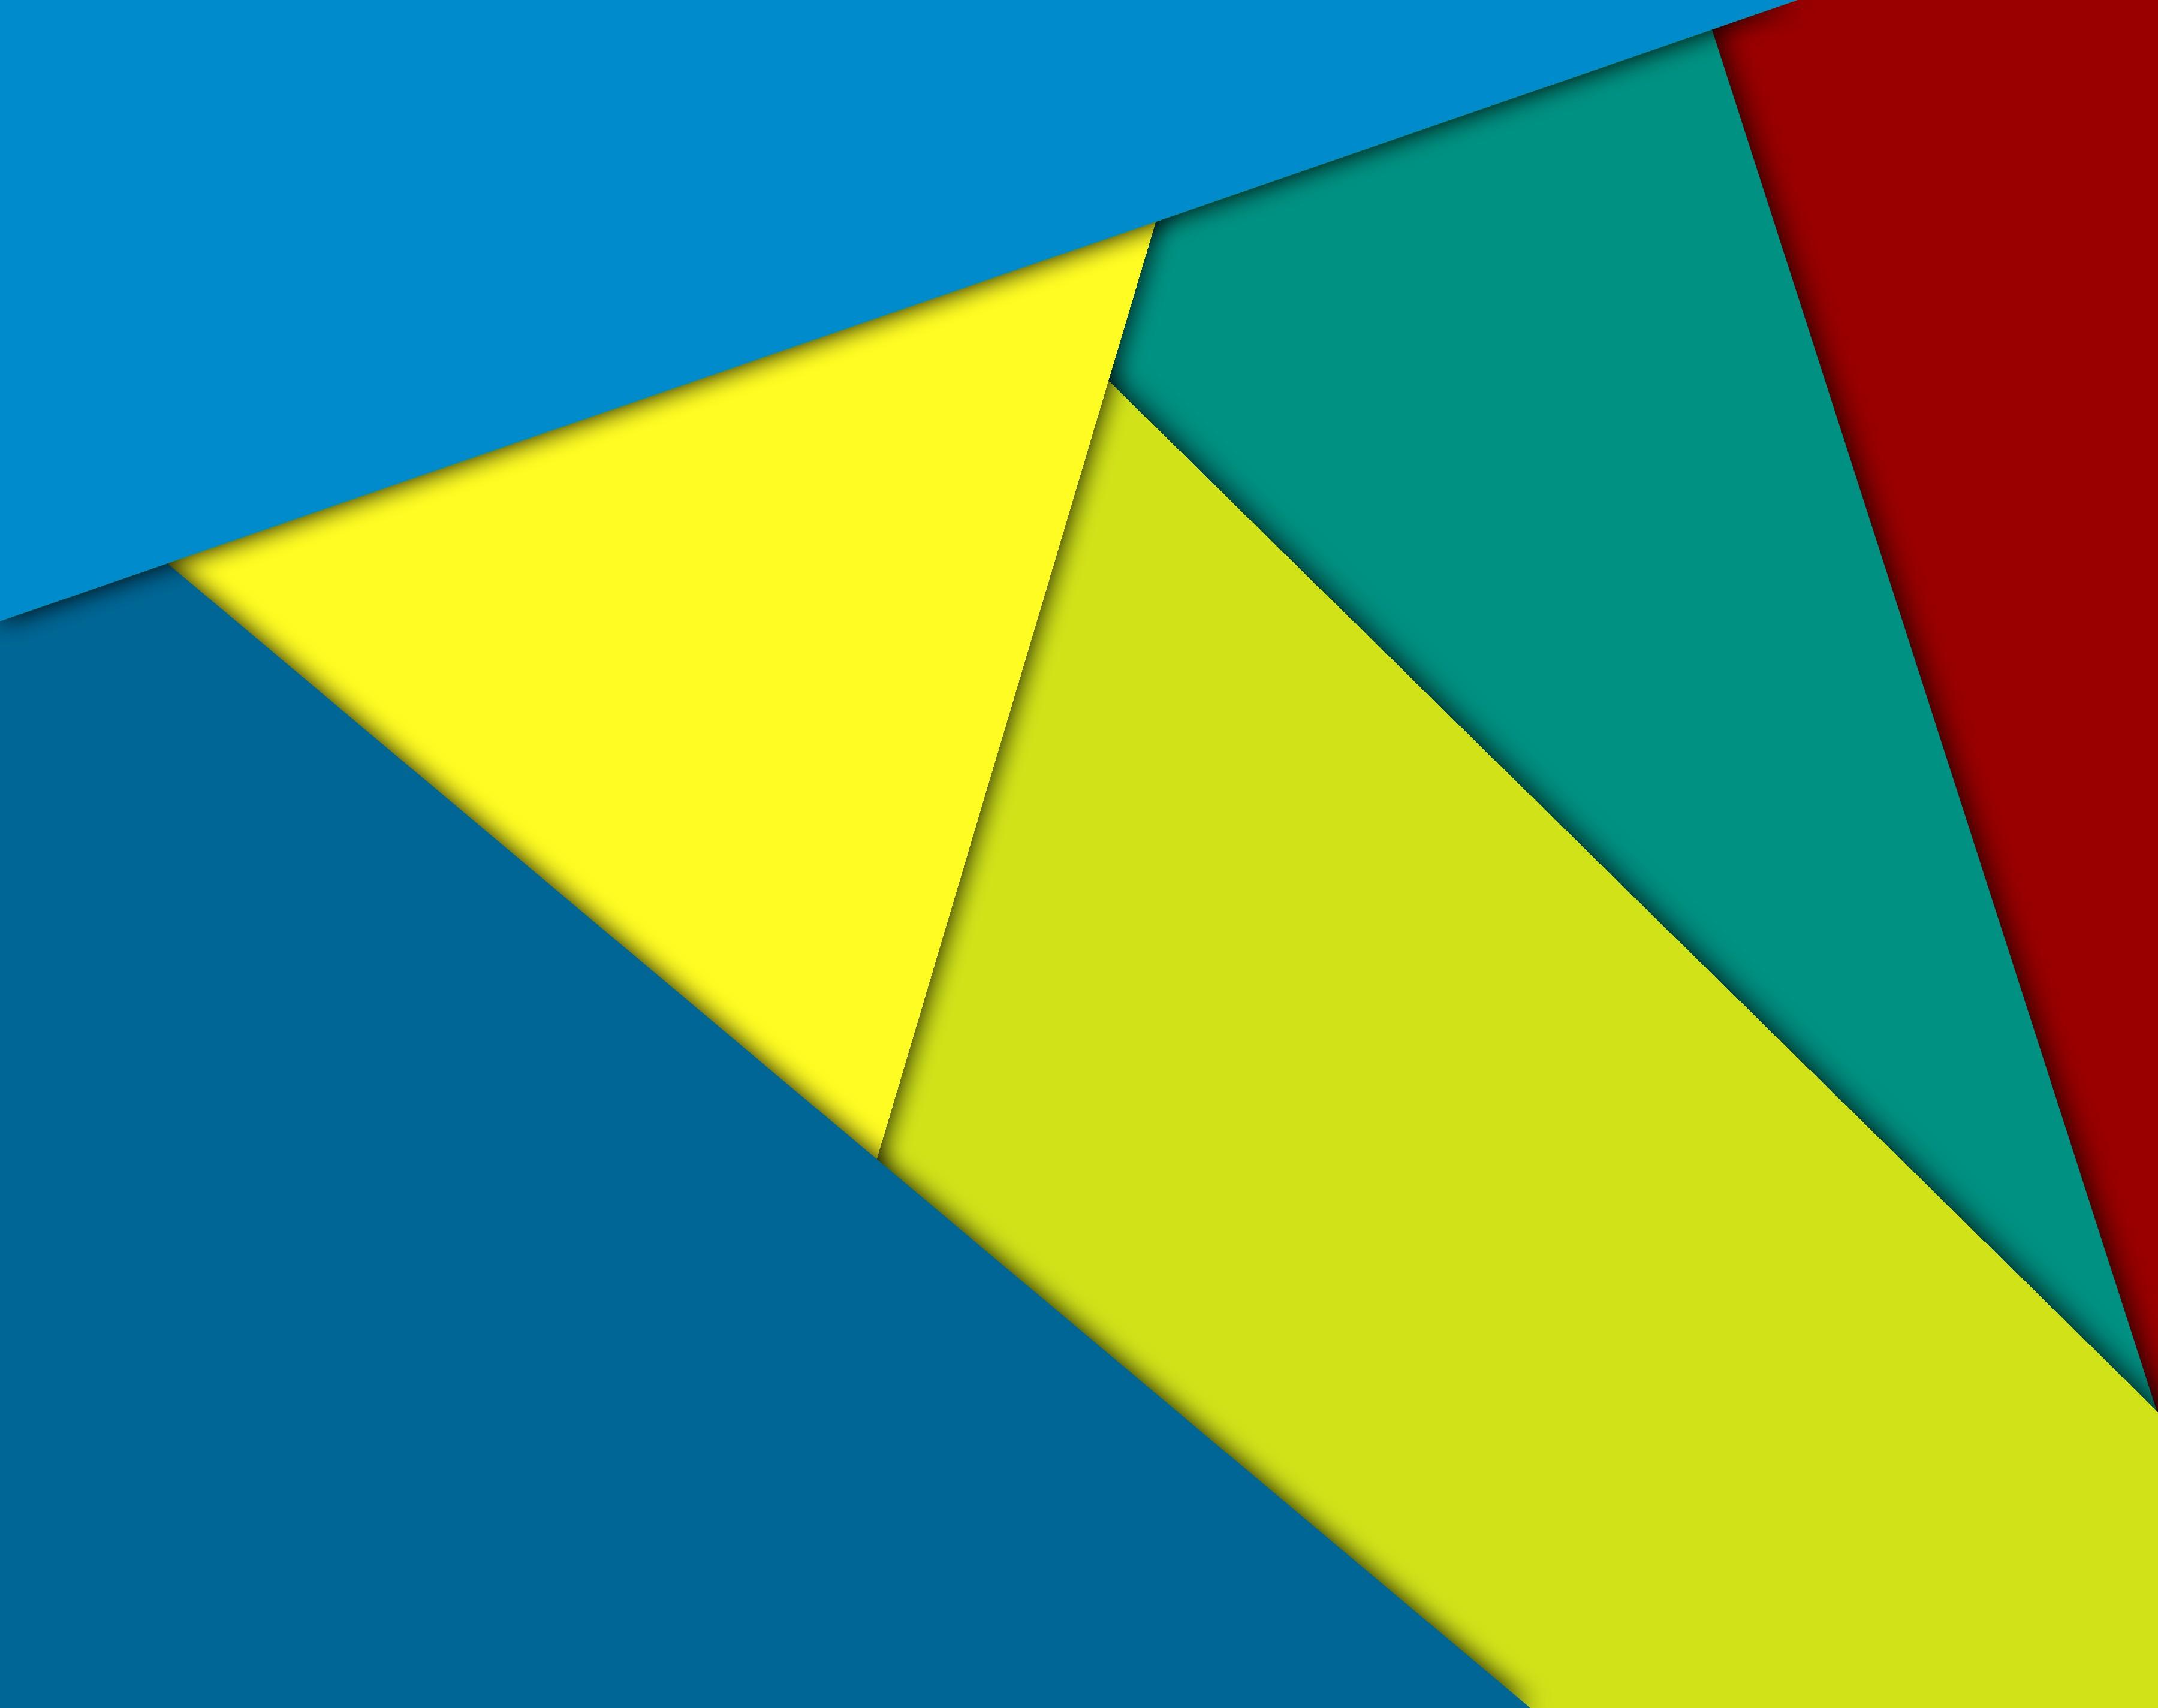 Fondo Fondos De Pantalla Verde Amarillo Y Rojo: Fondos De Pantalla : Ilustración, Abstracto, Texto, Verde